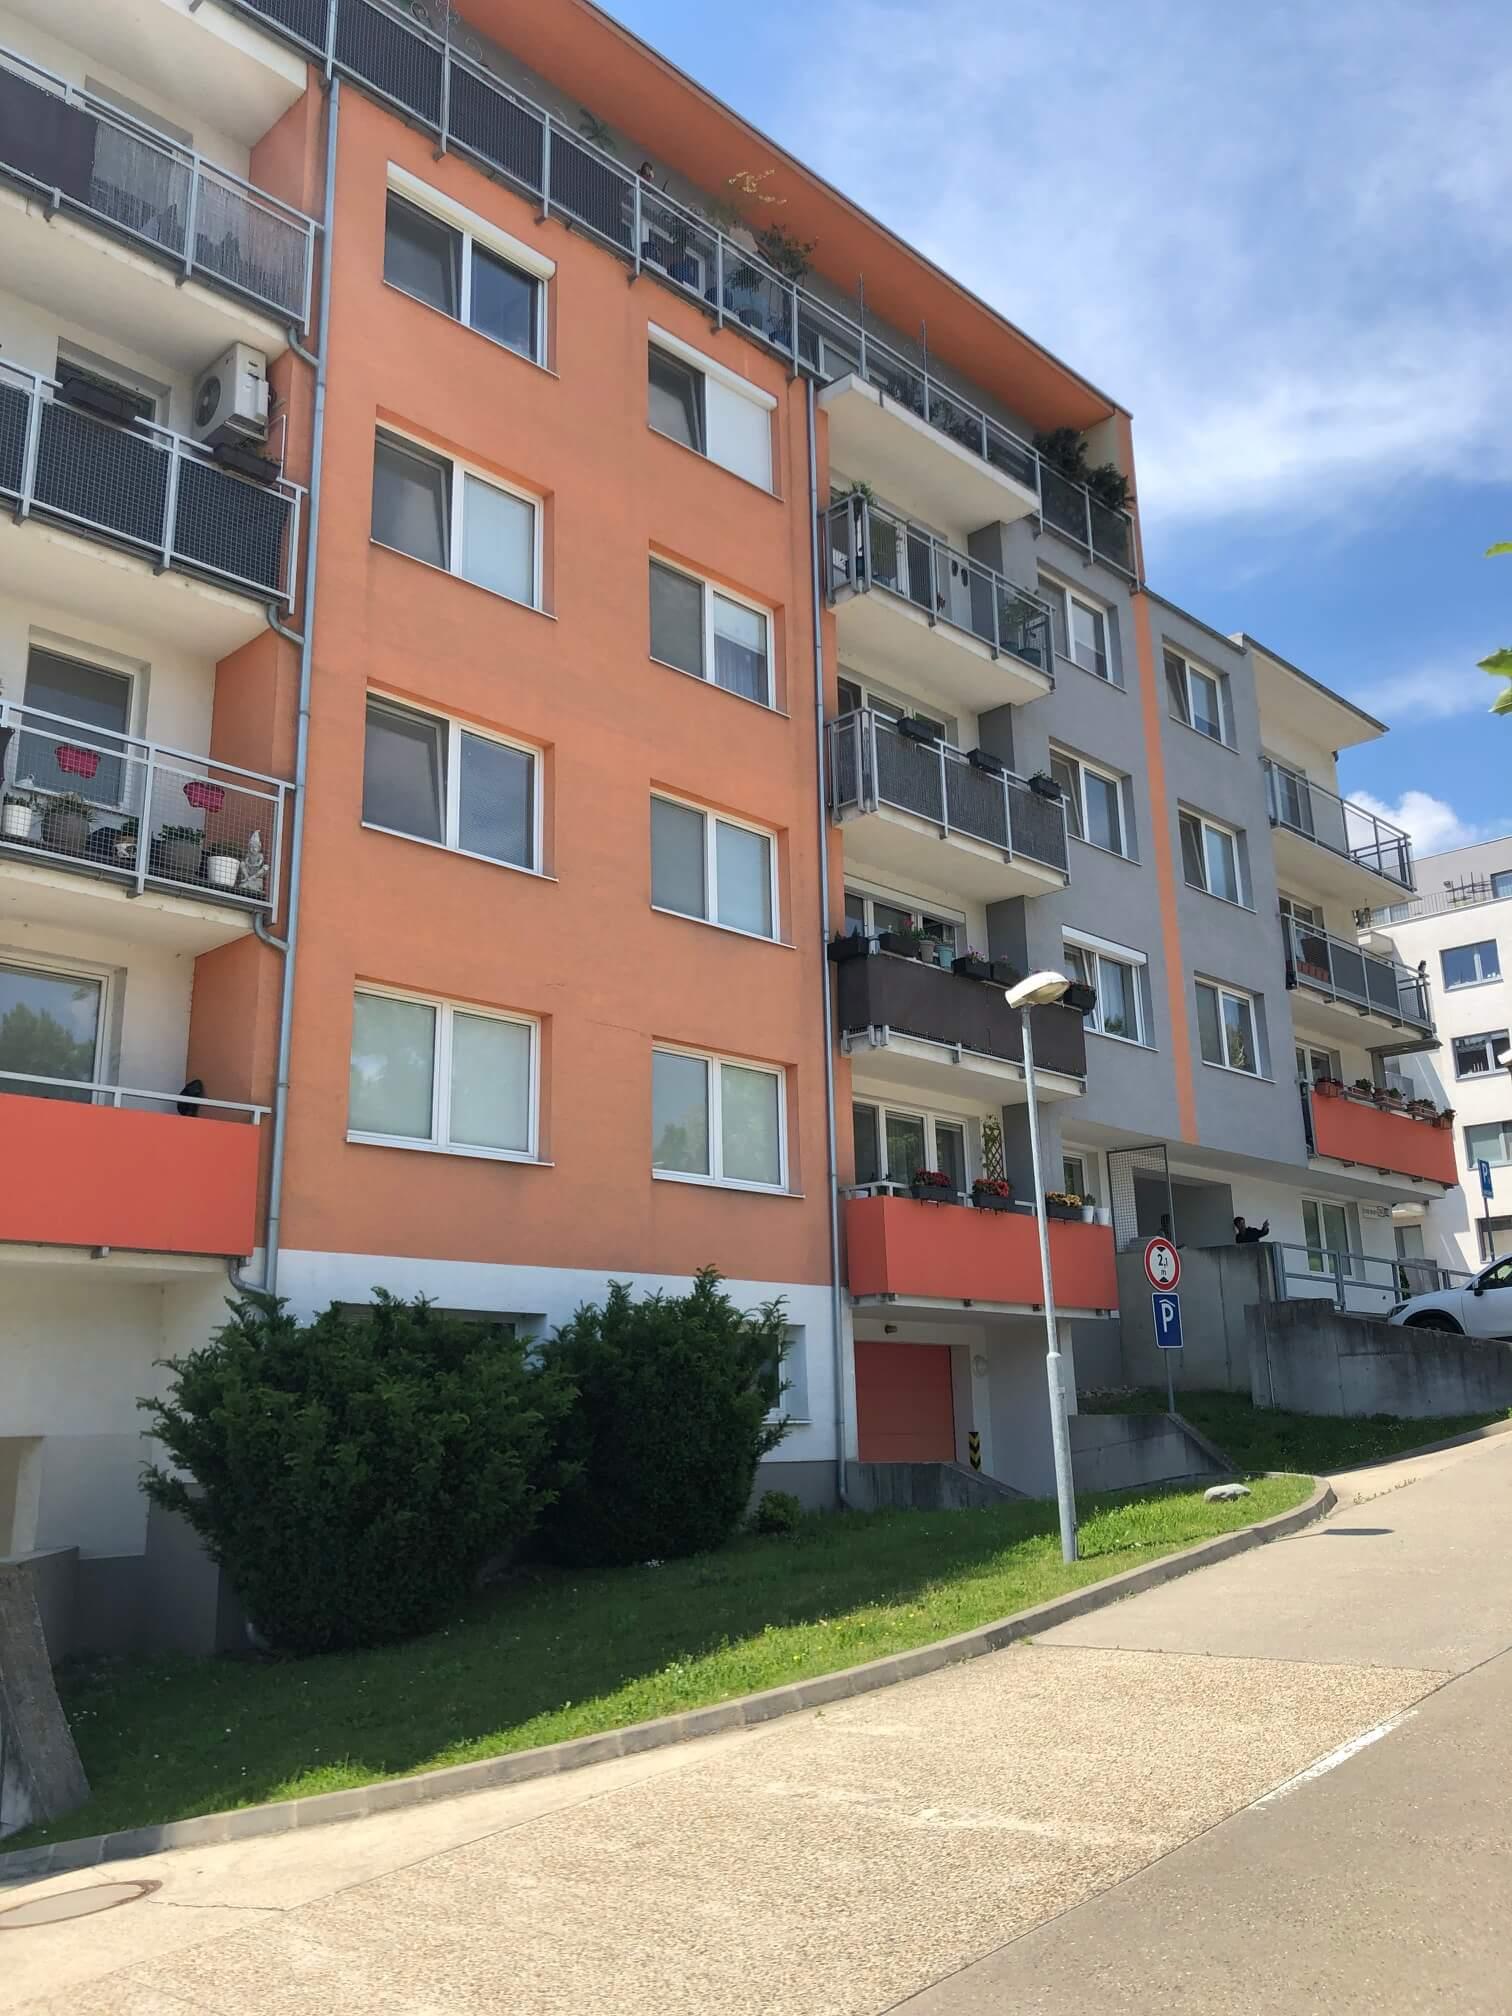 Predané: 3 izbový byt, novostavba, 72,25m2, loggia 4,82m2, Staré Grunty, Karlovka, garážové státie-49